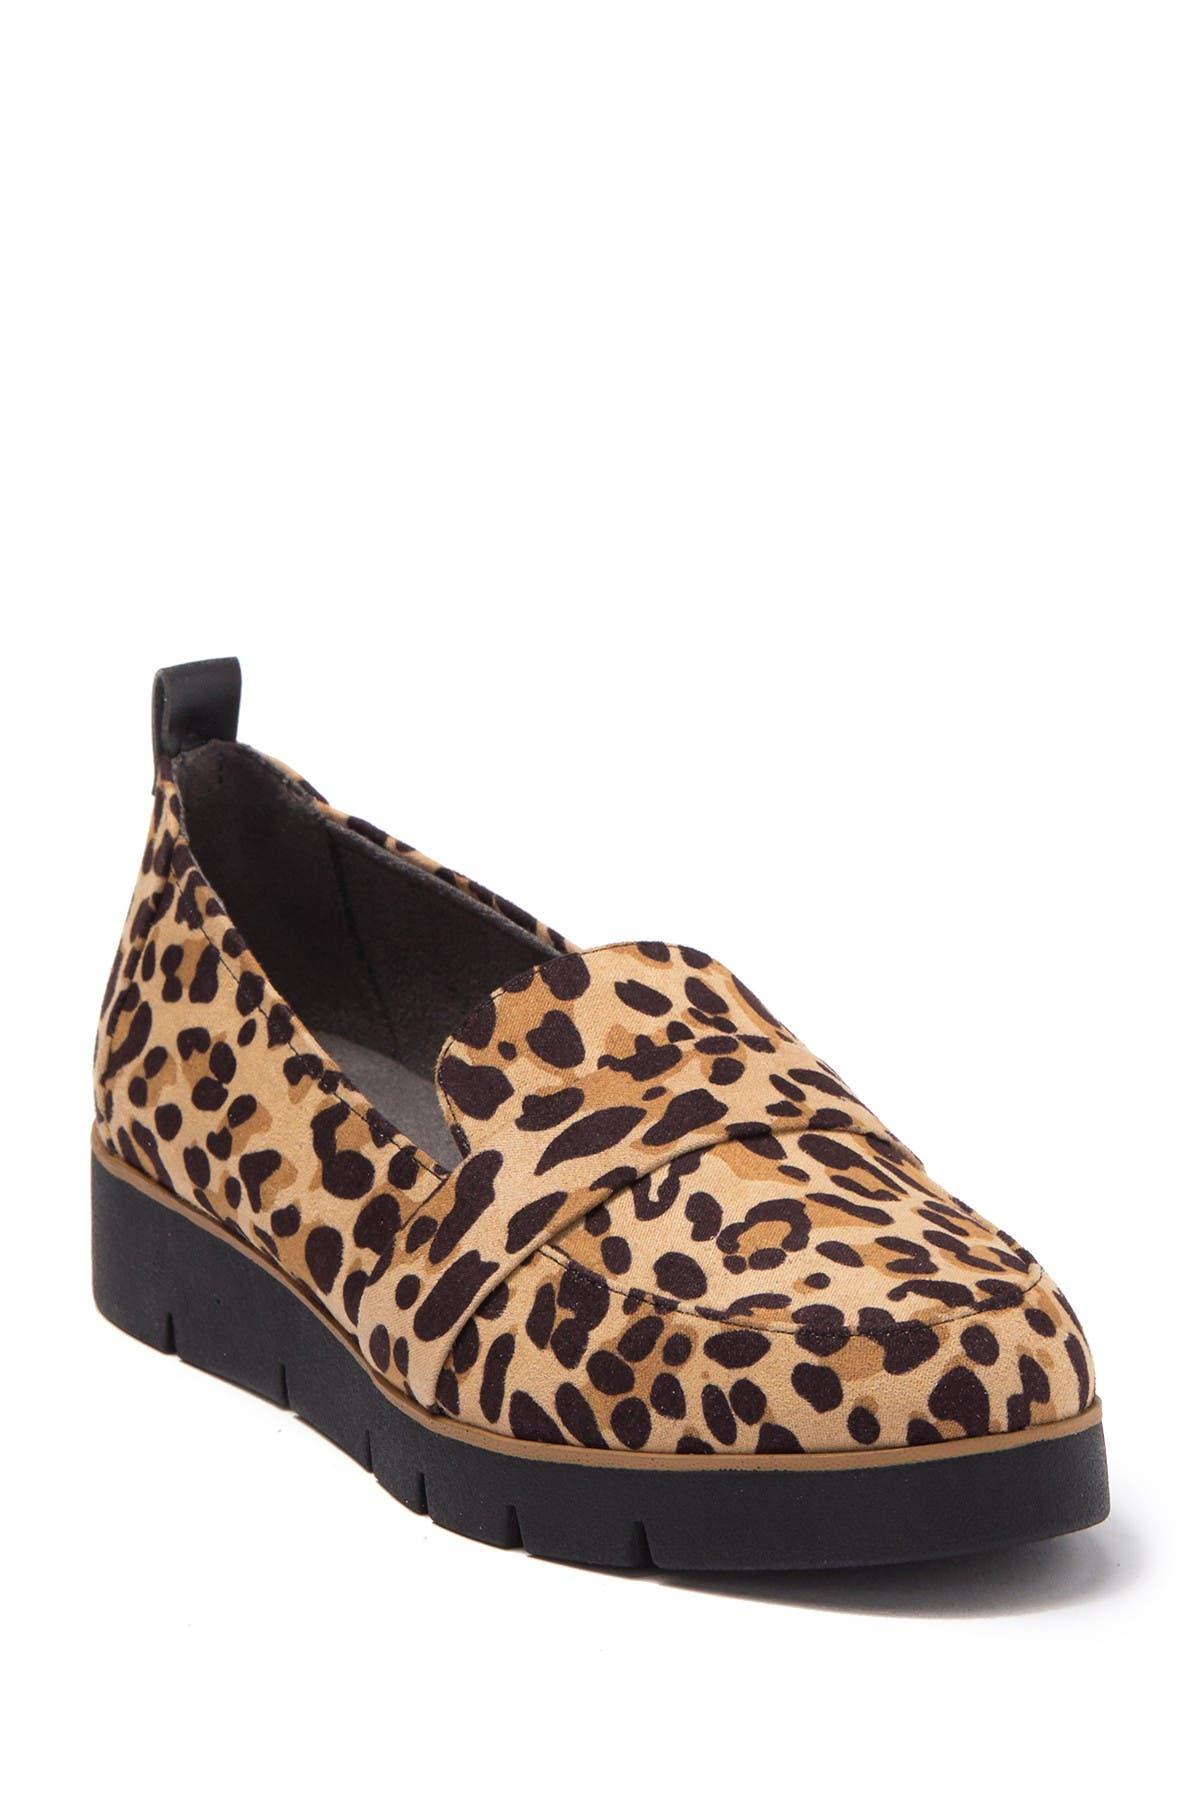 Webster Leopard Print Loafer